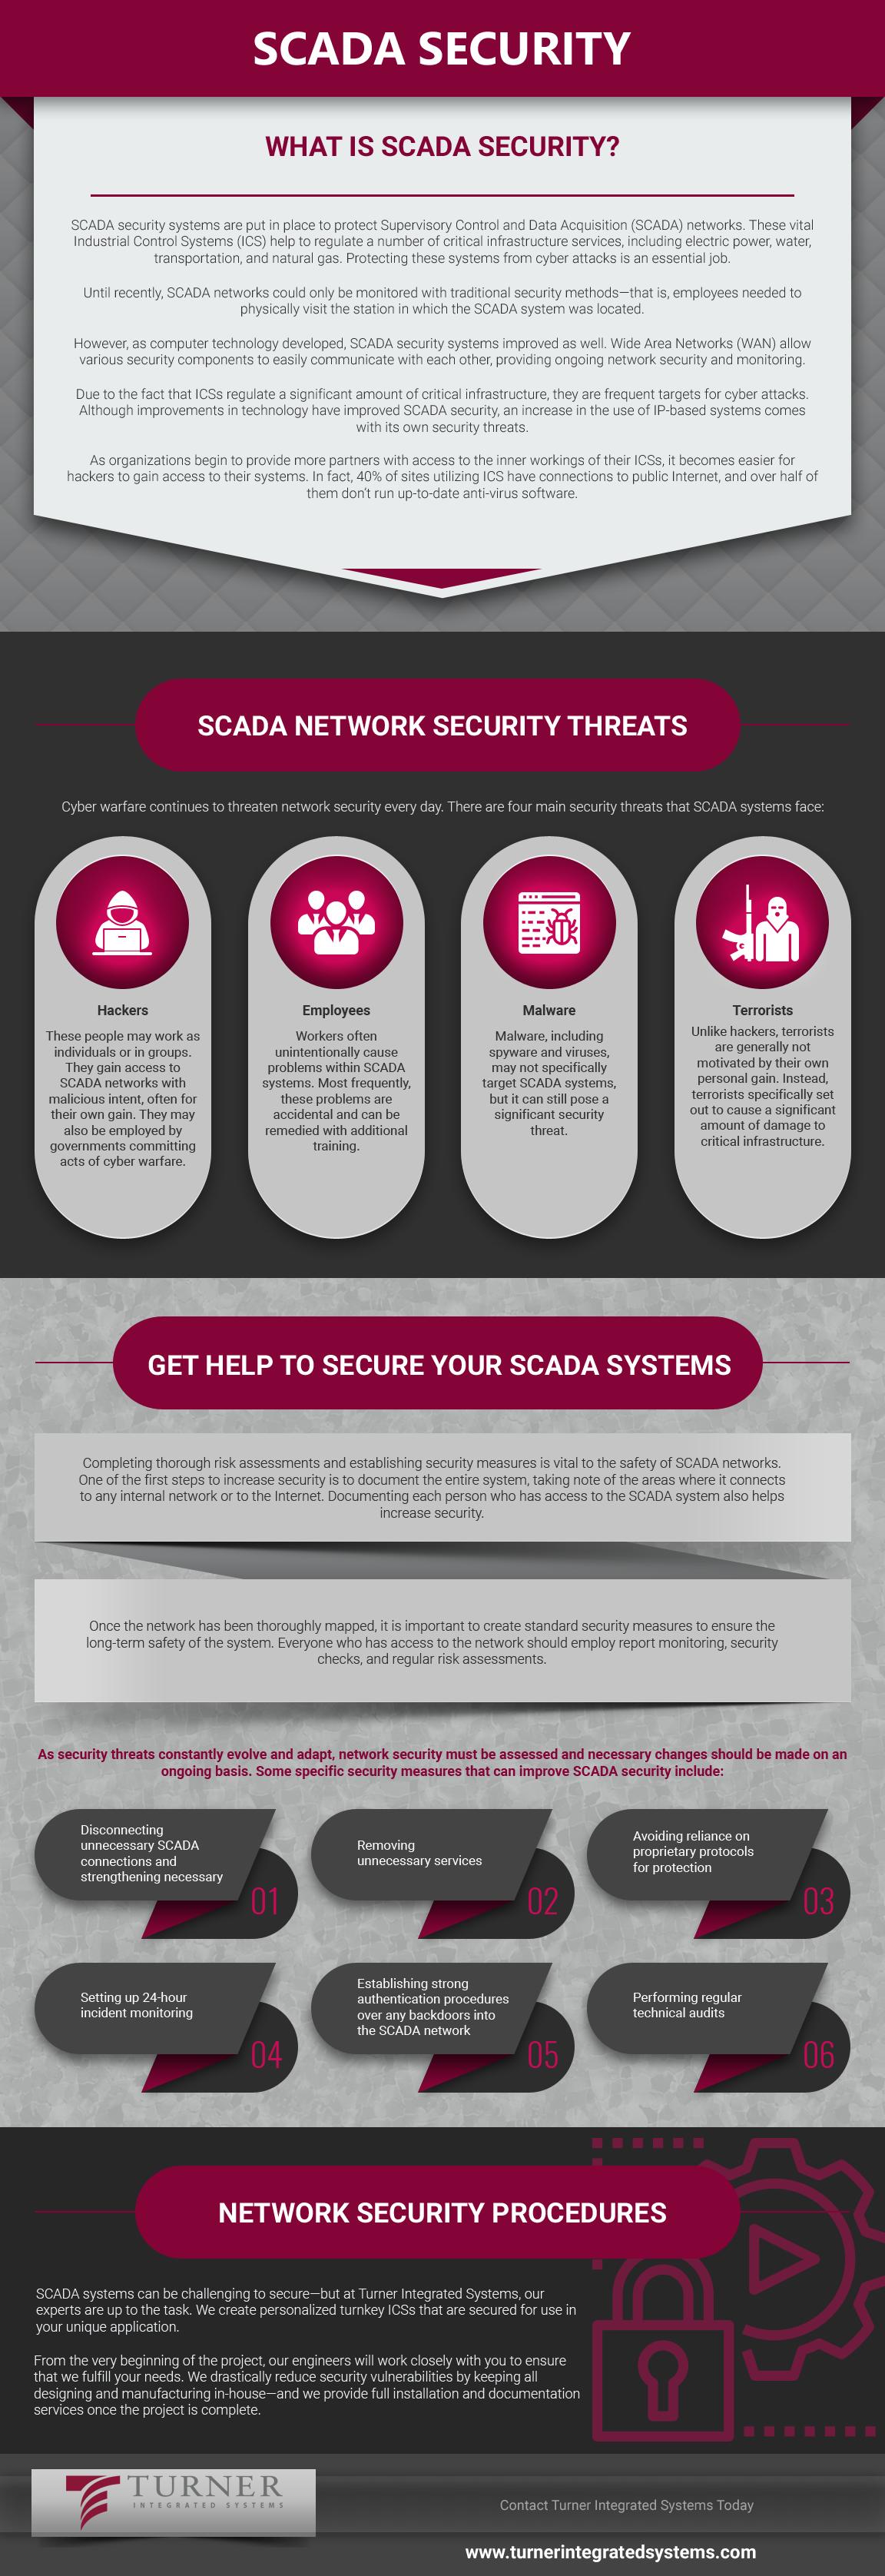 SCADA Security